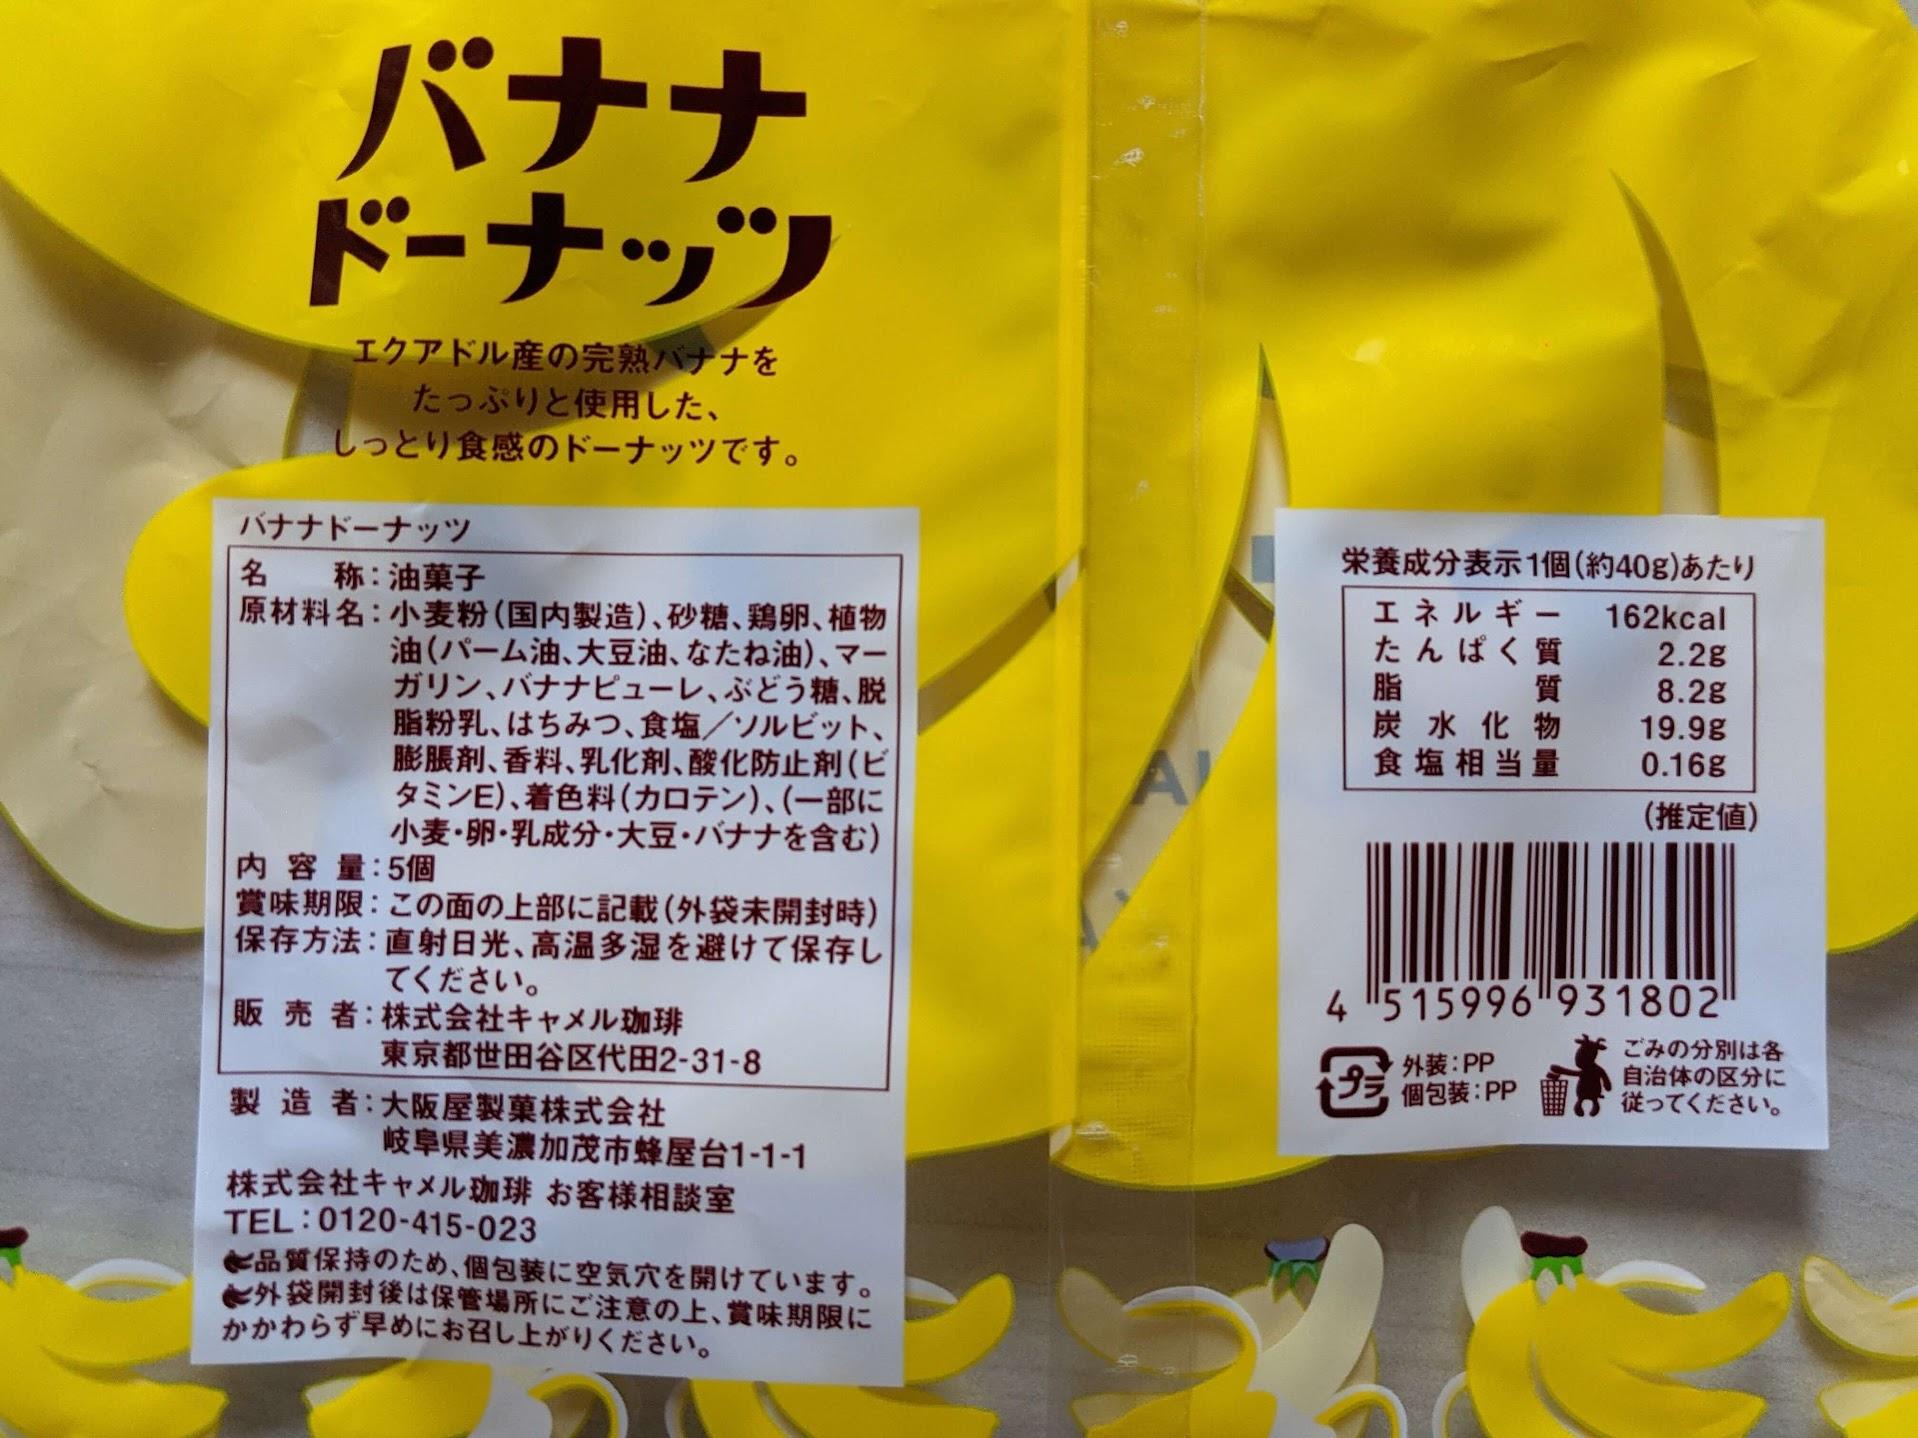 カルディ バナナドーナッツ 栄養成分表示